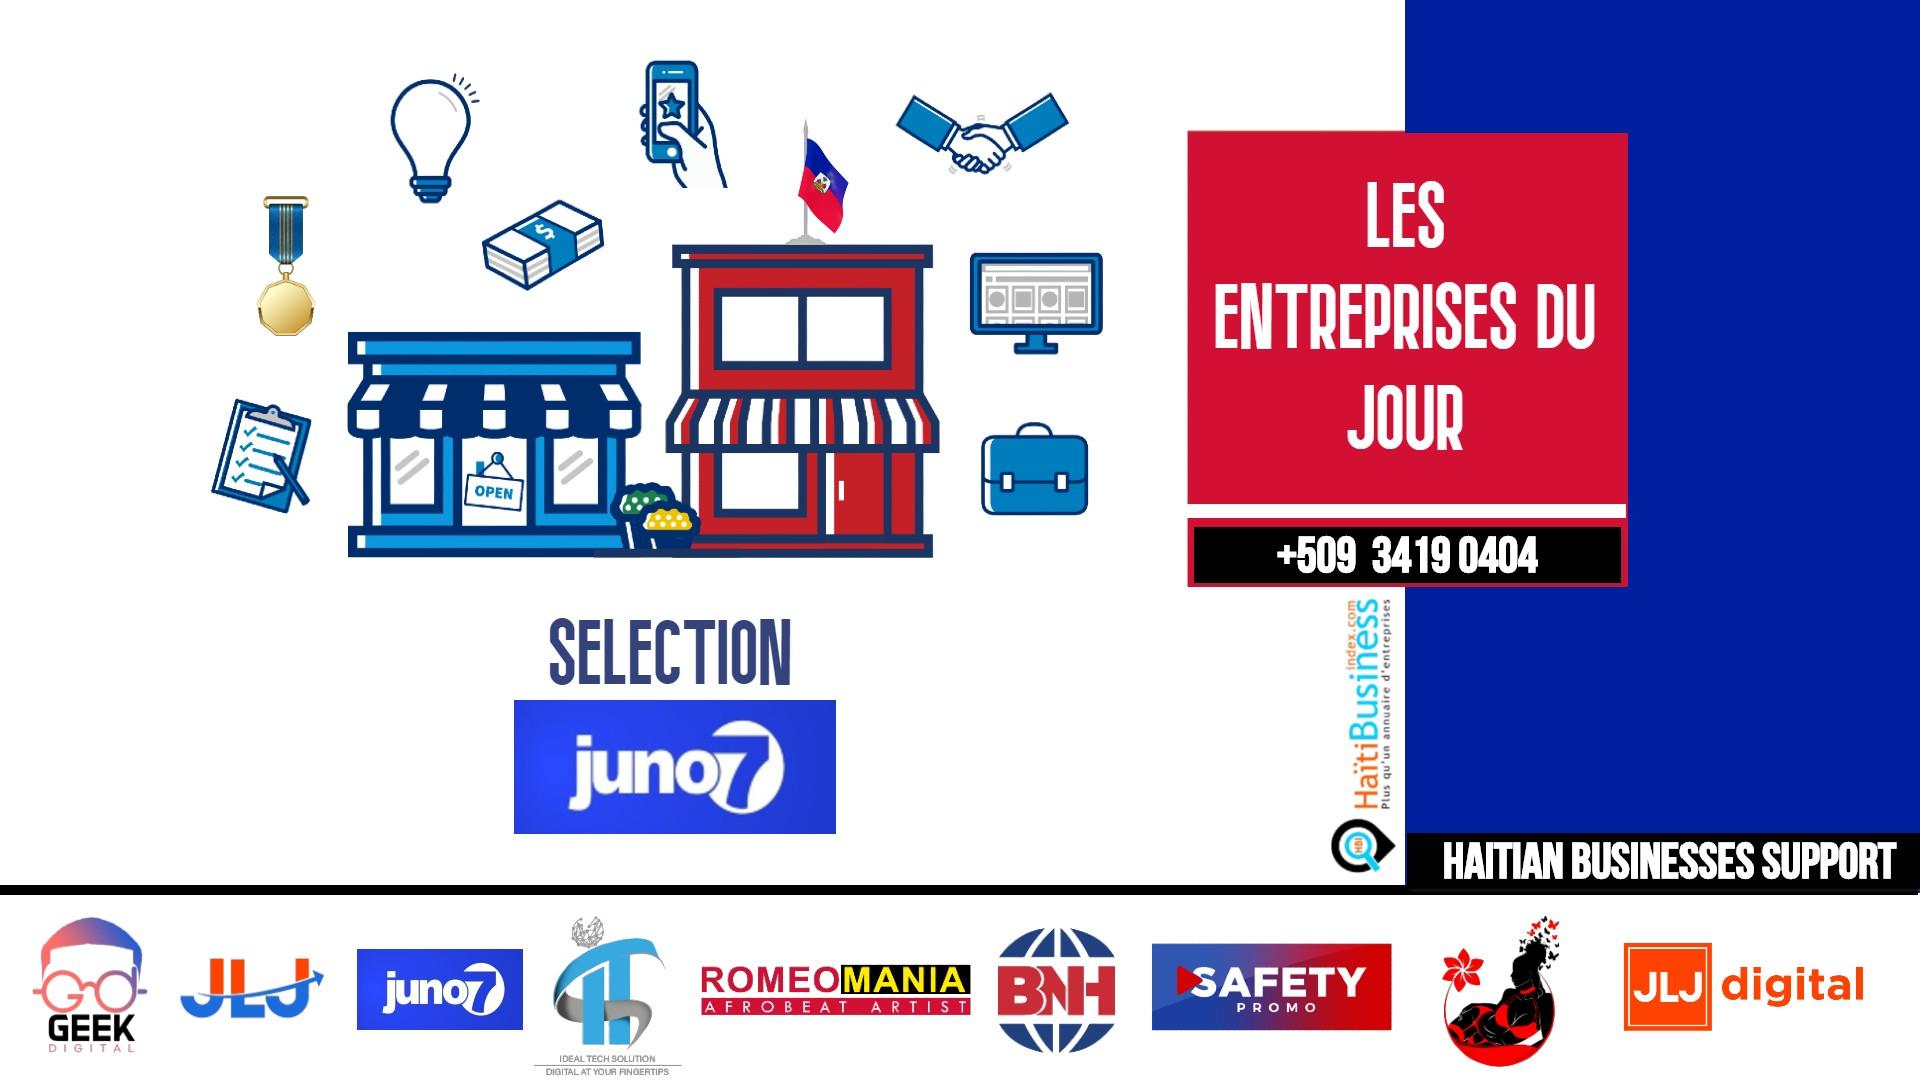 Haiti Pharma S.A - Choix Juno7 du 11 Aout 2020